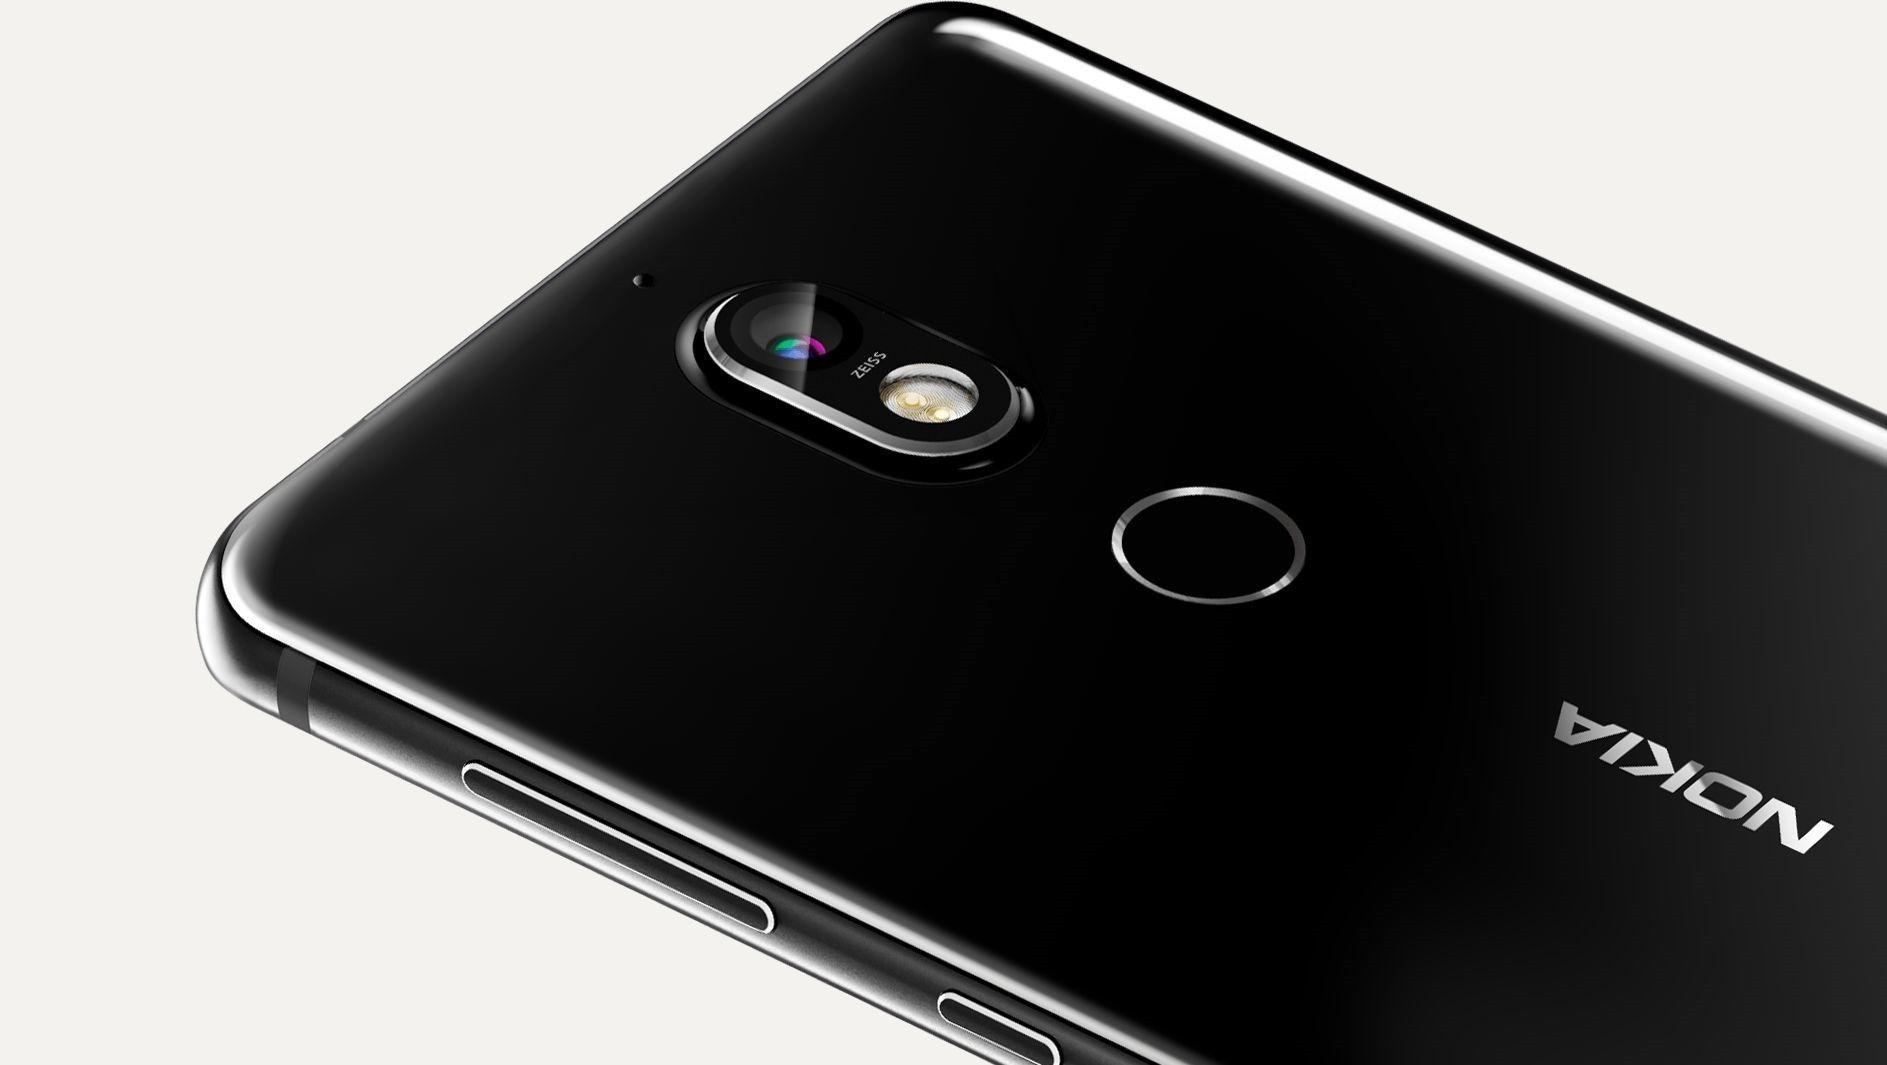 Шикарный смартфон Nokia 7 Plus – официальные изображения и технические характеристики